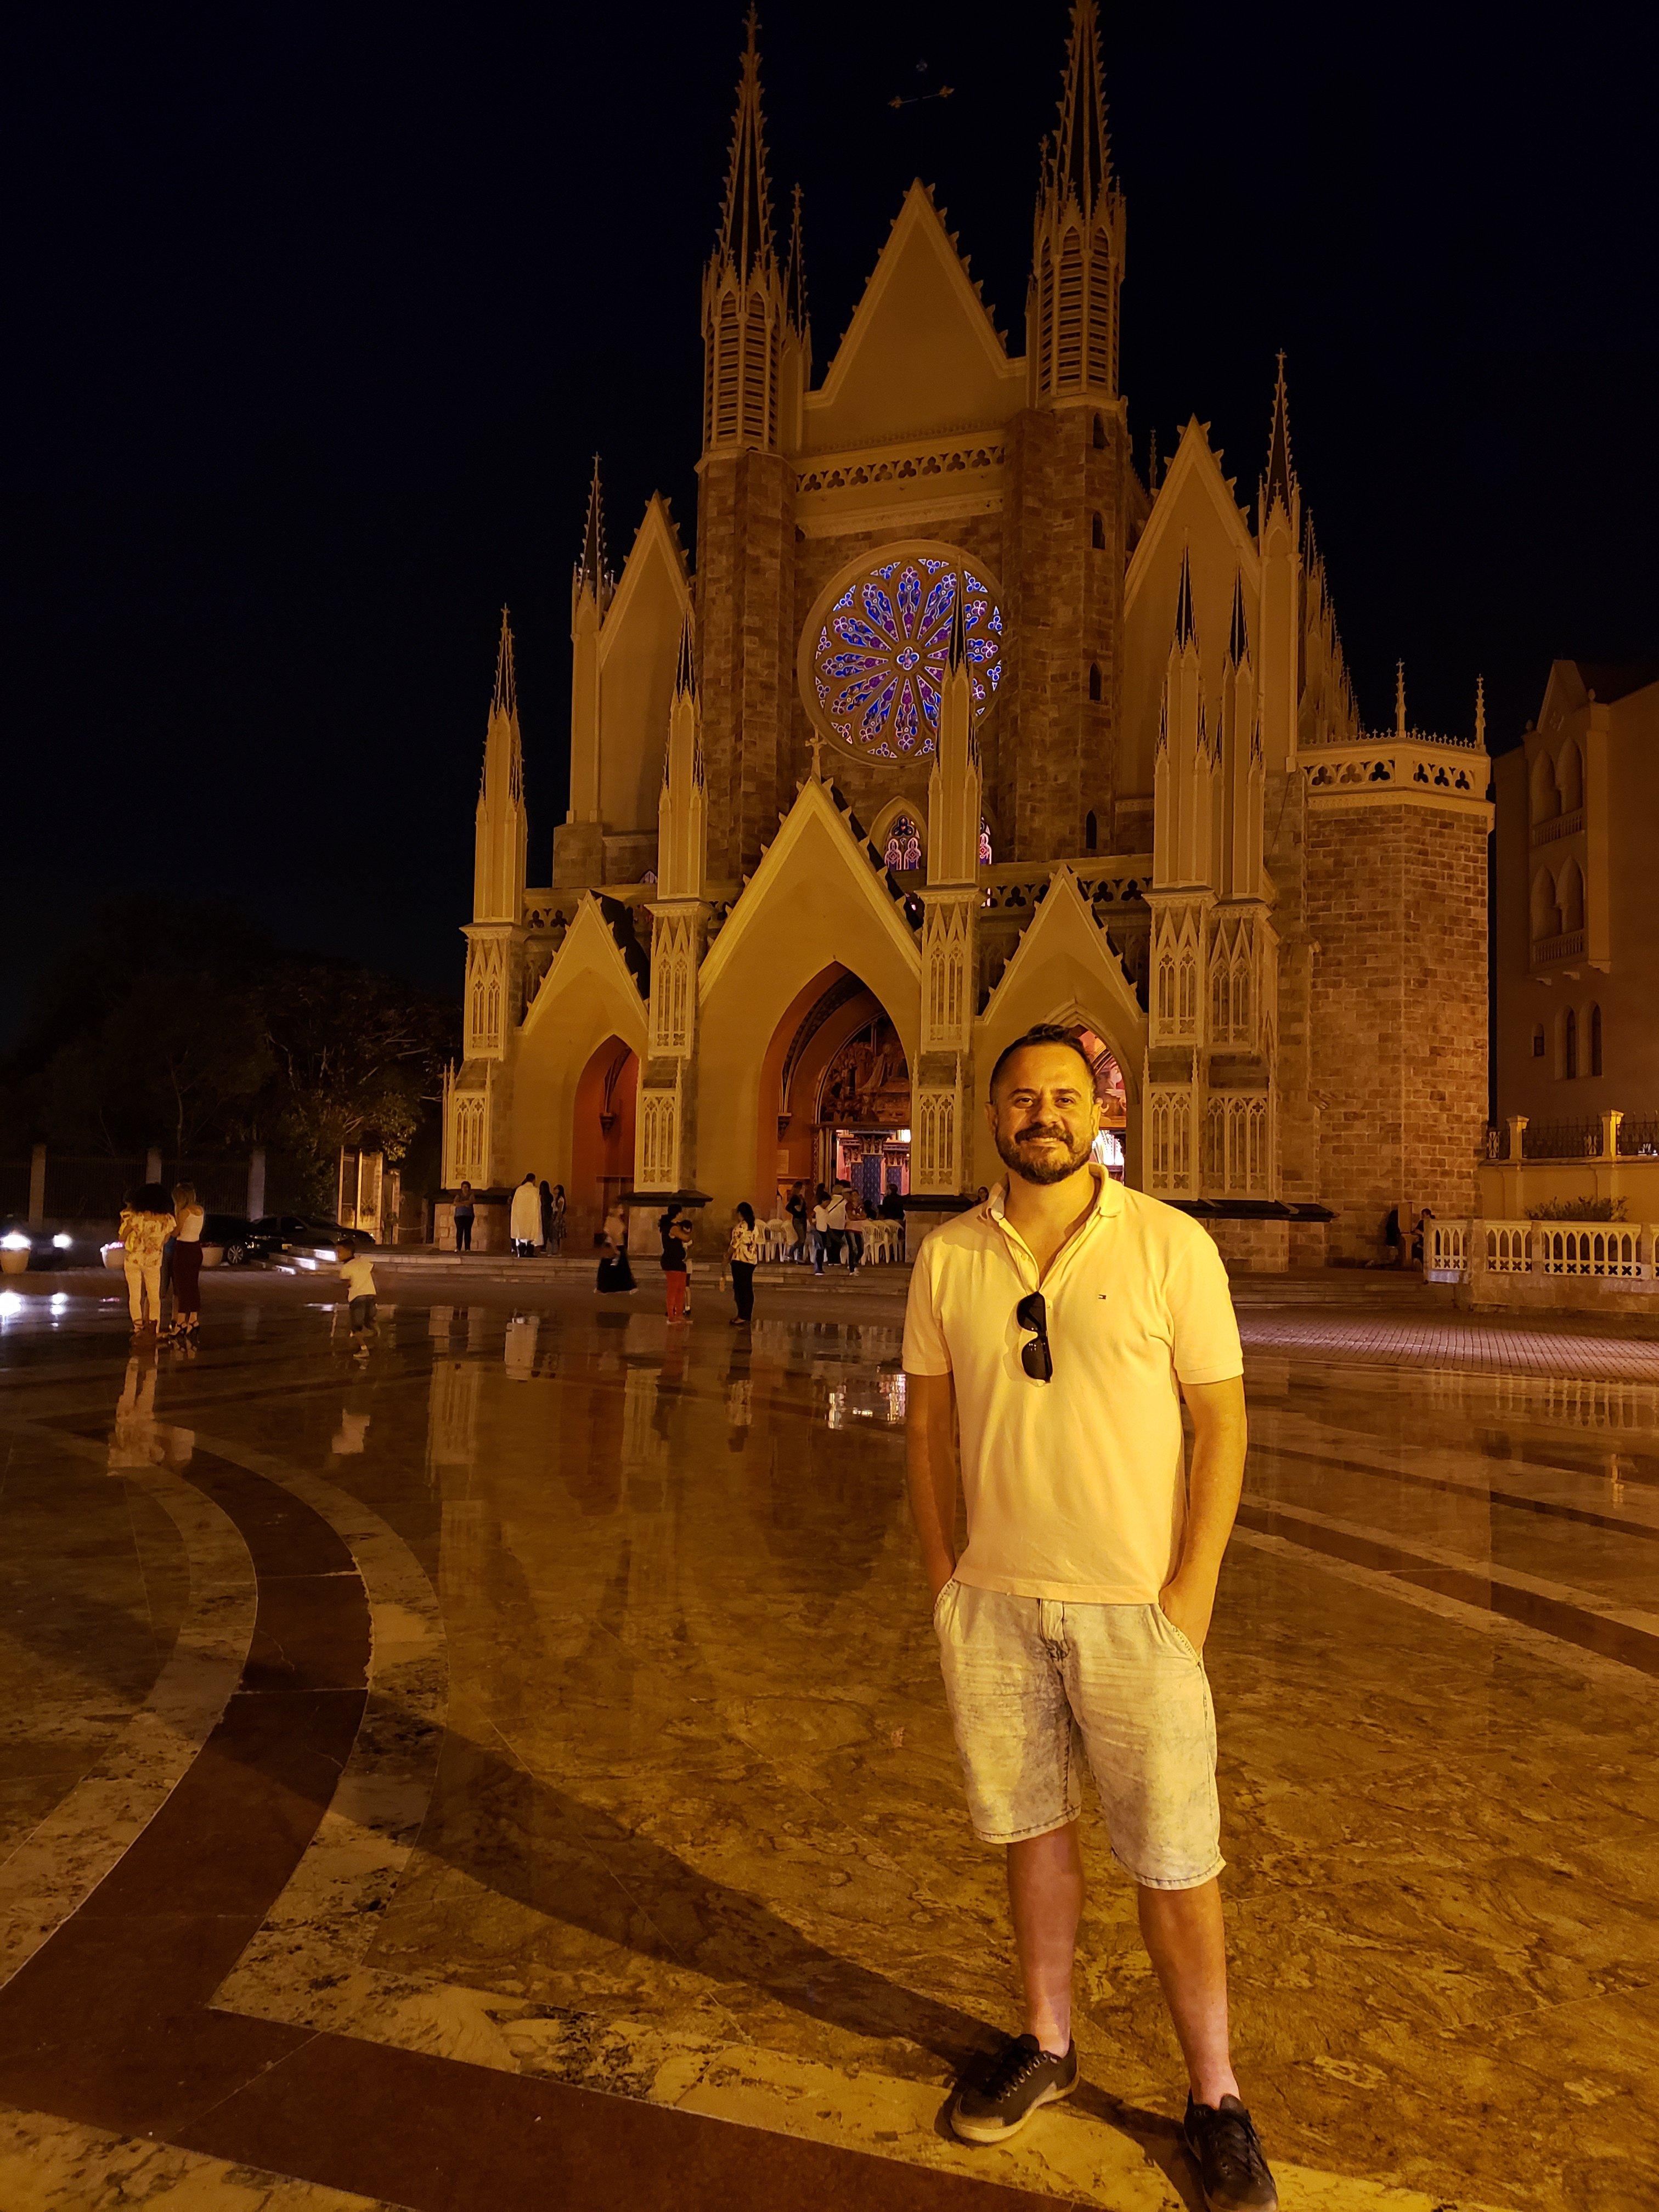 Igreja dos Arautos a noite